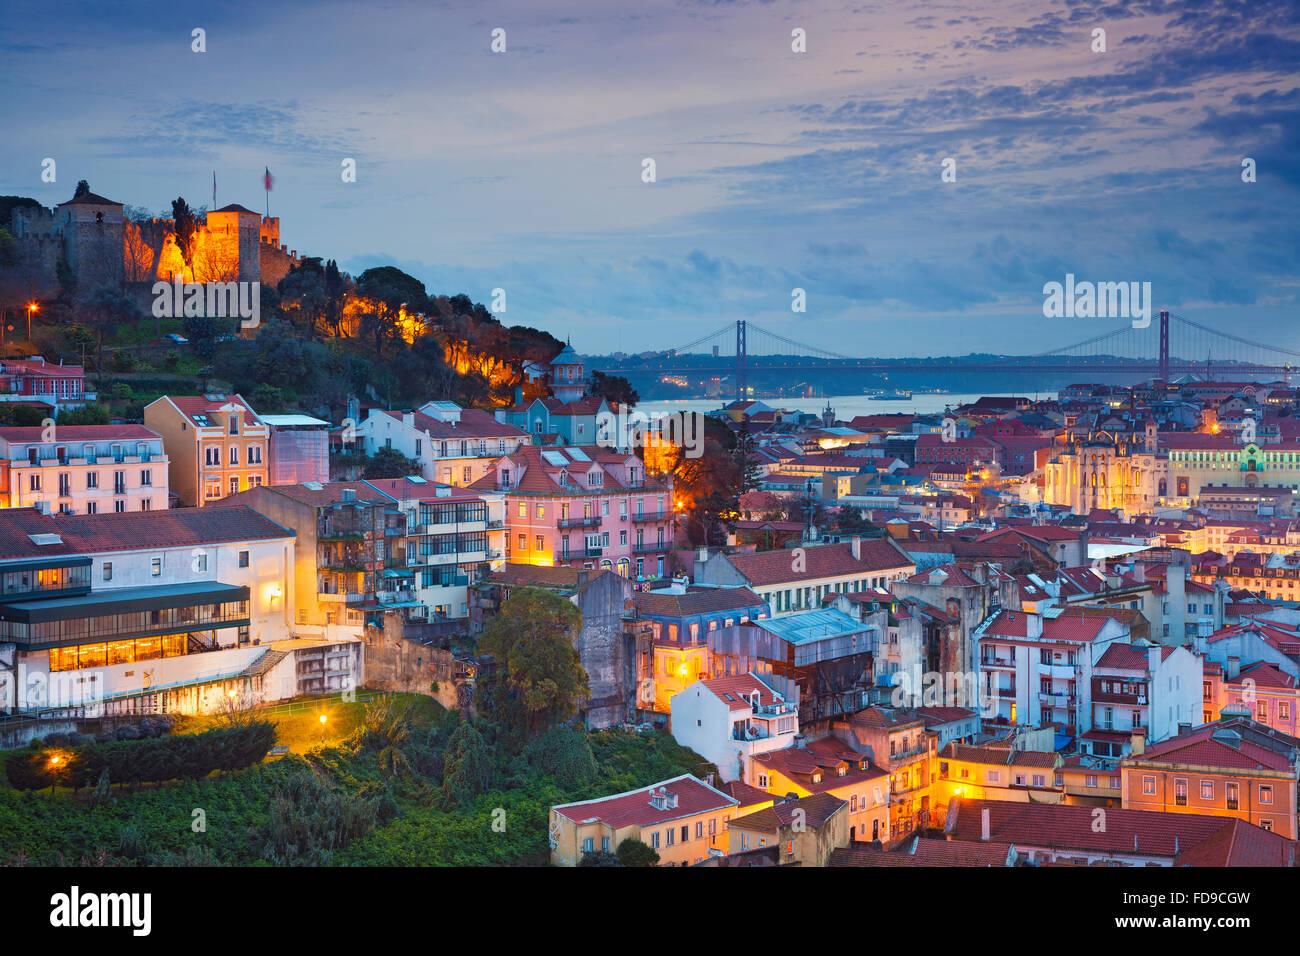 Lisboa. Imagen de Lisboa, Portugal, durante la hora azul crepúsculo. Imagen De Stock